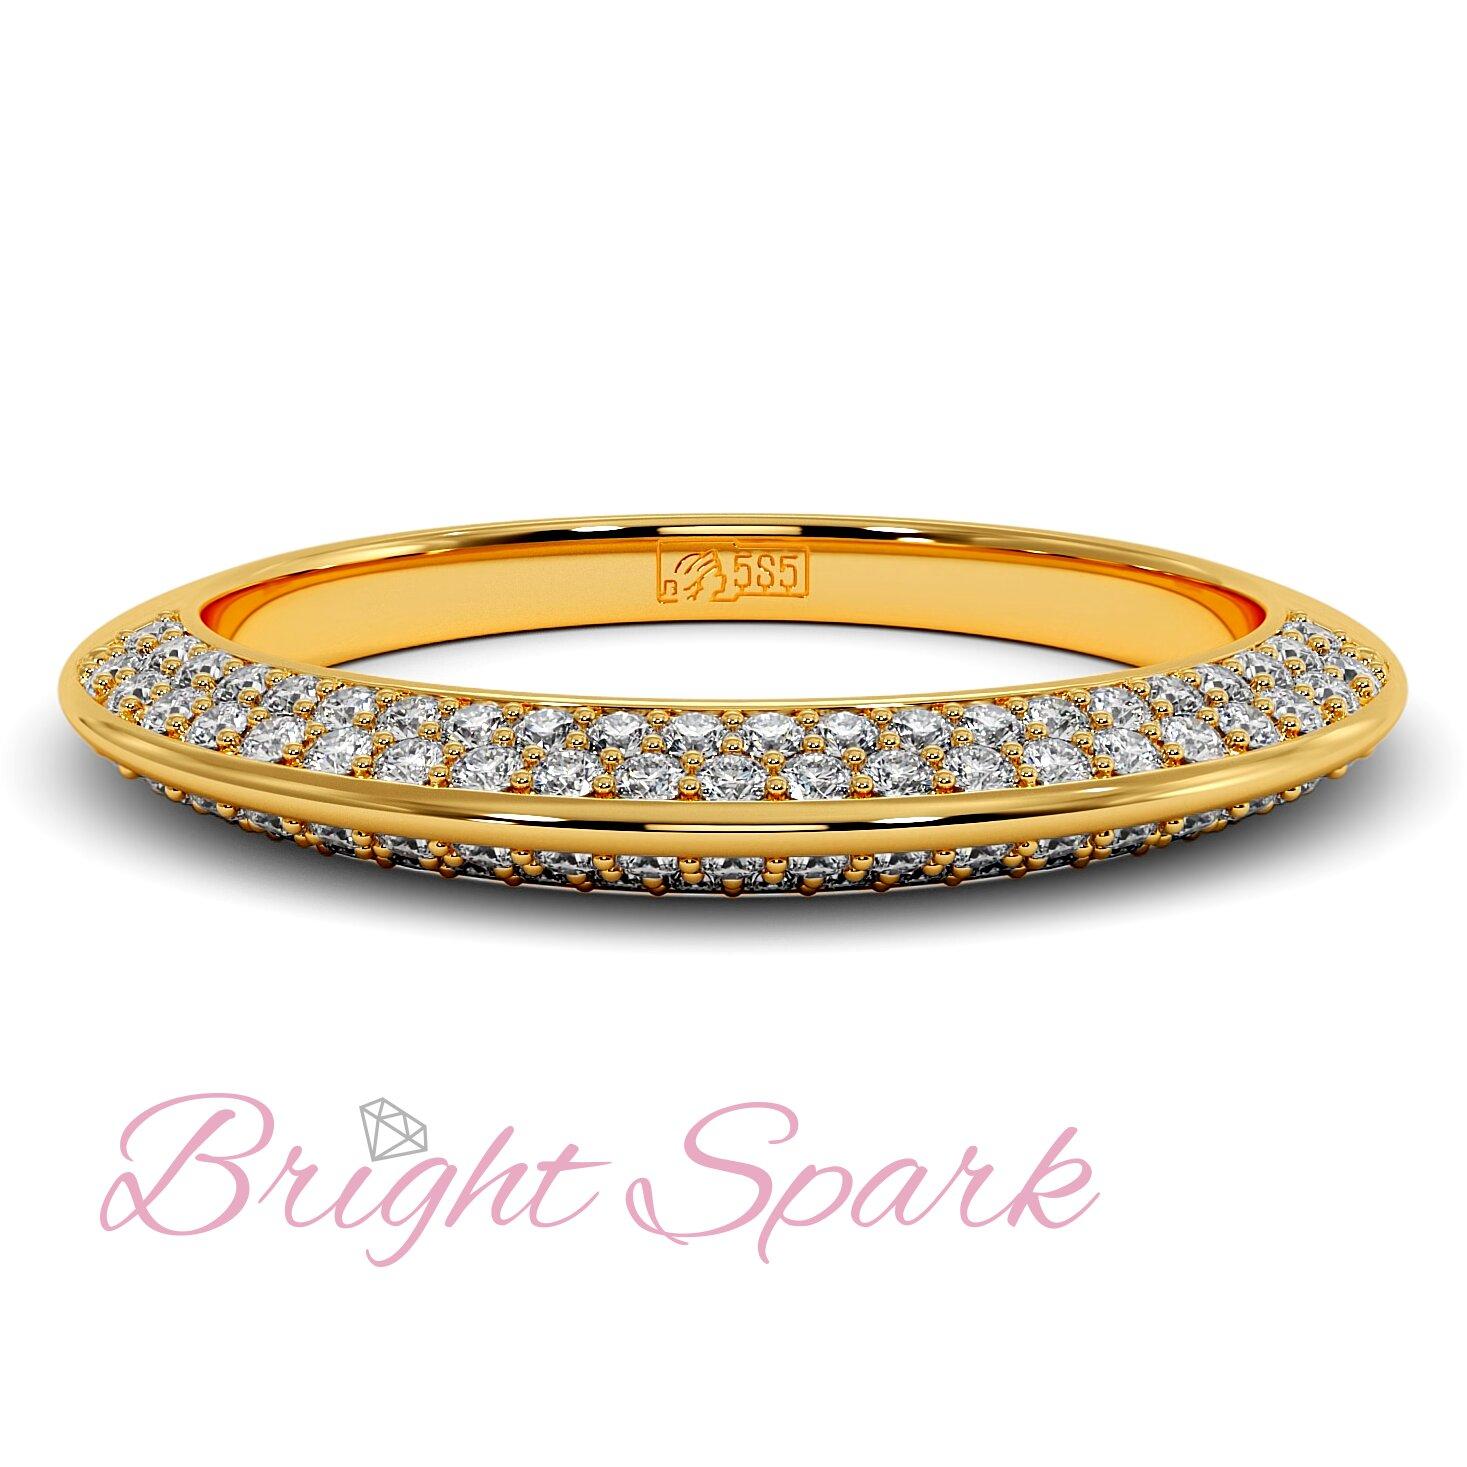 Обручальное кольцо  желтого золота усыпанное муассанитами Melanie 0,5 карата